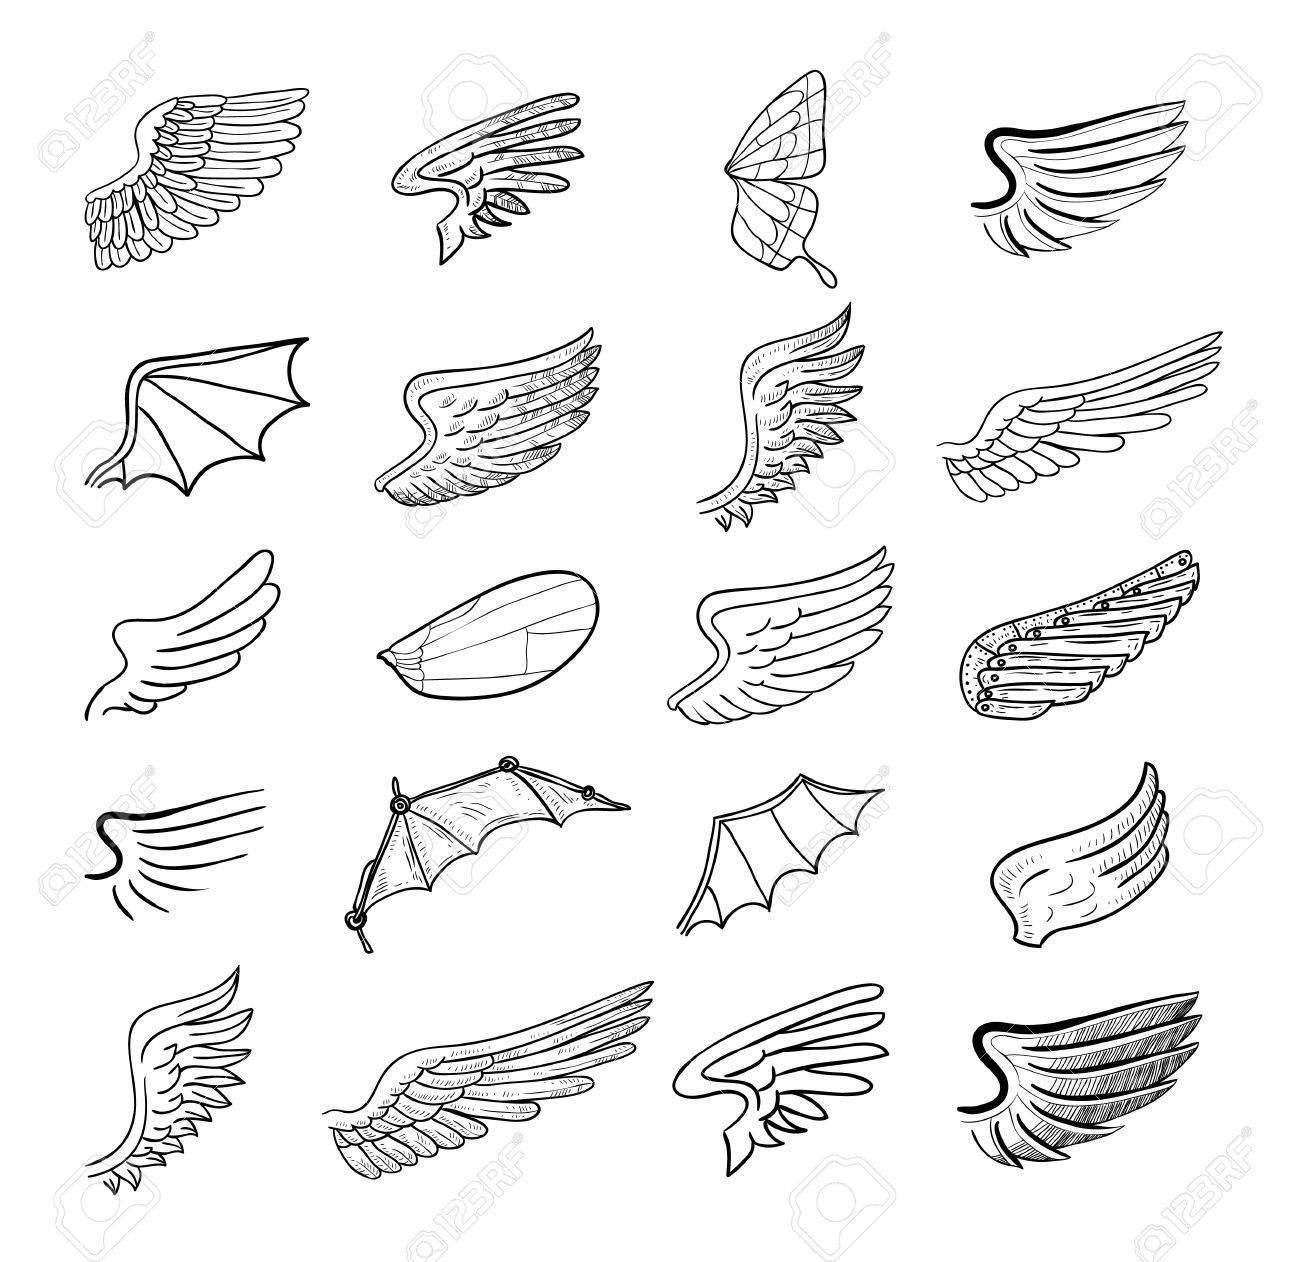 翼はベクターのイラストのイラスト素材ベクタ Image 44689477